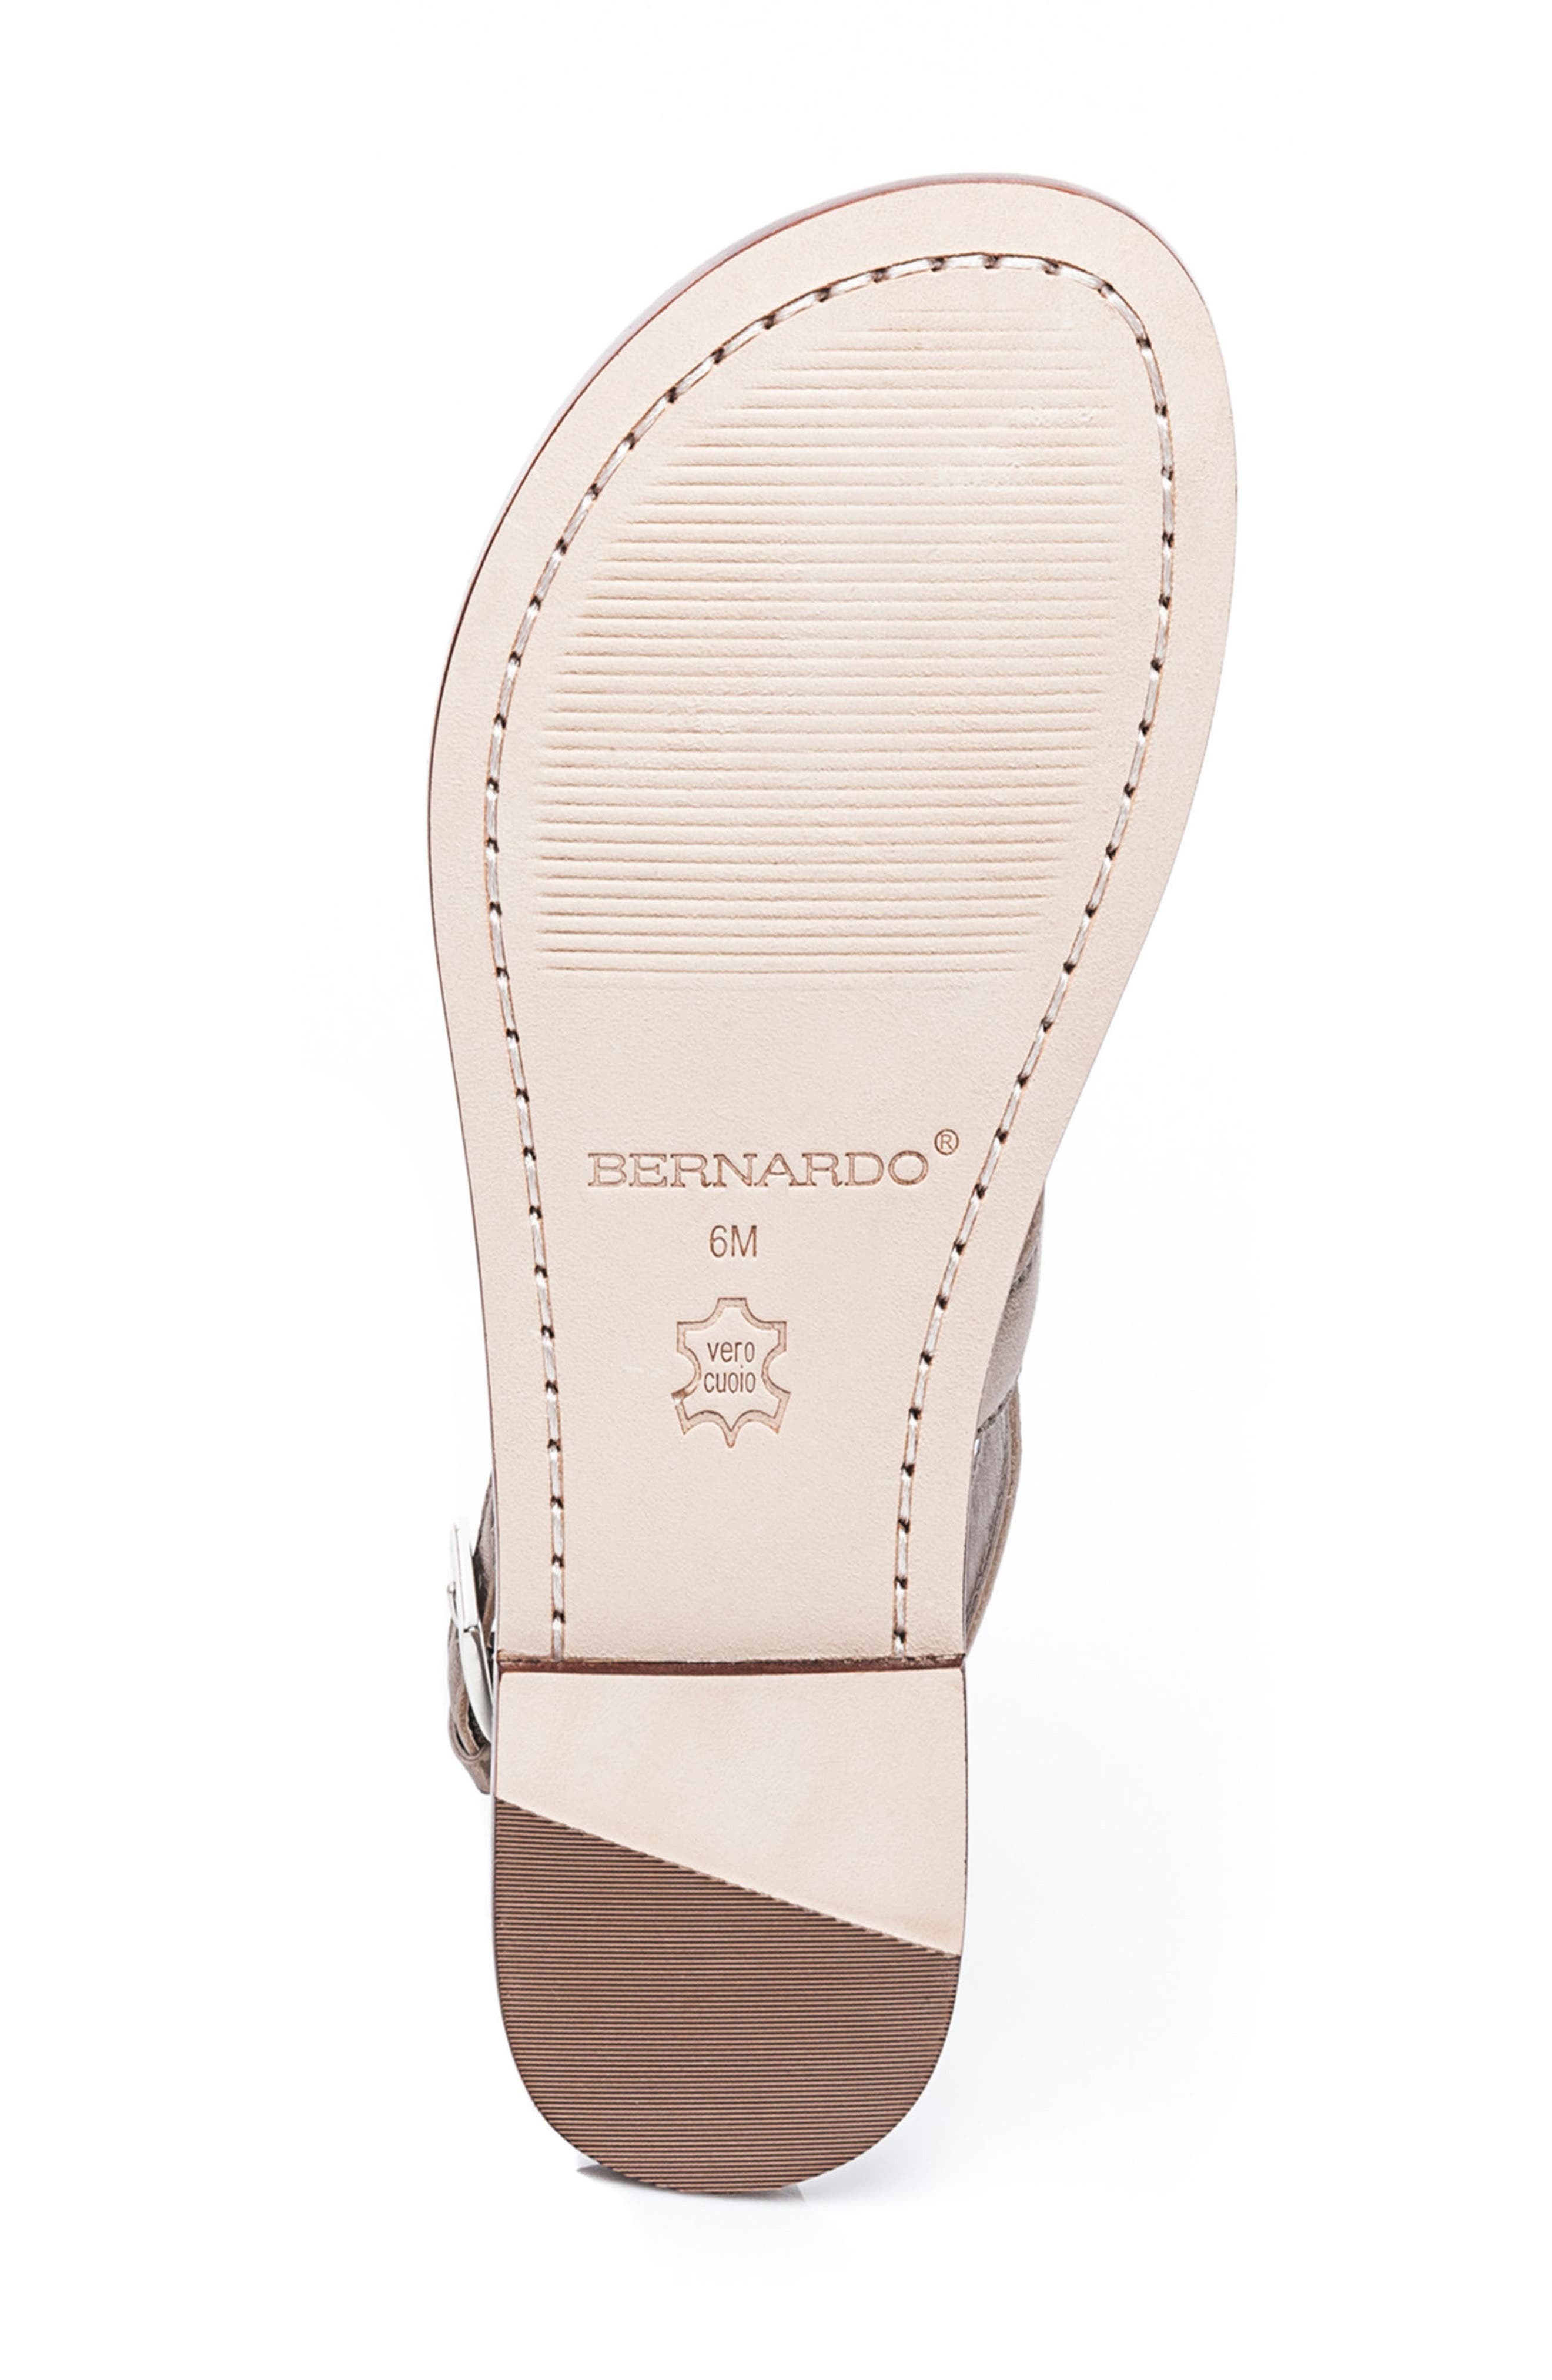 Bernardo Maverick Leather Sandal,                             Alternate thumbnail 6, color,                             047